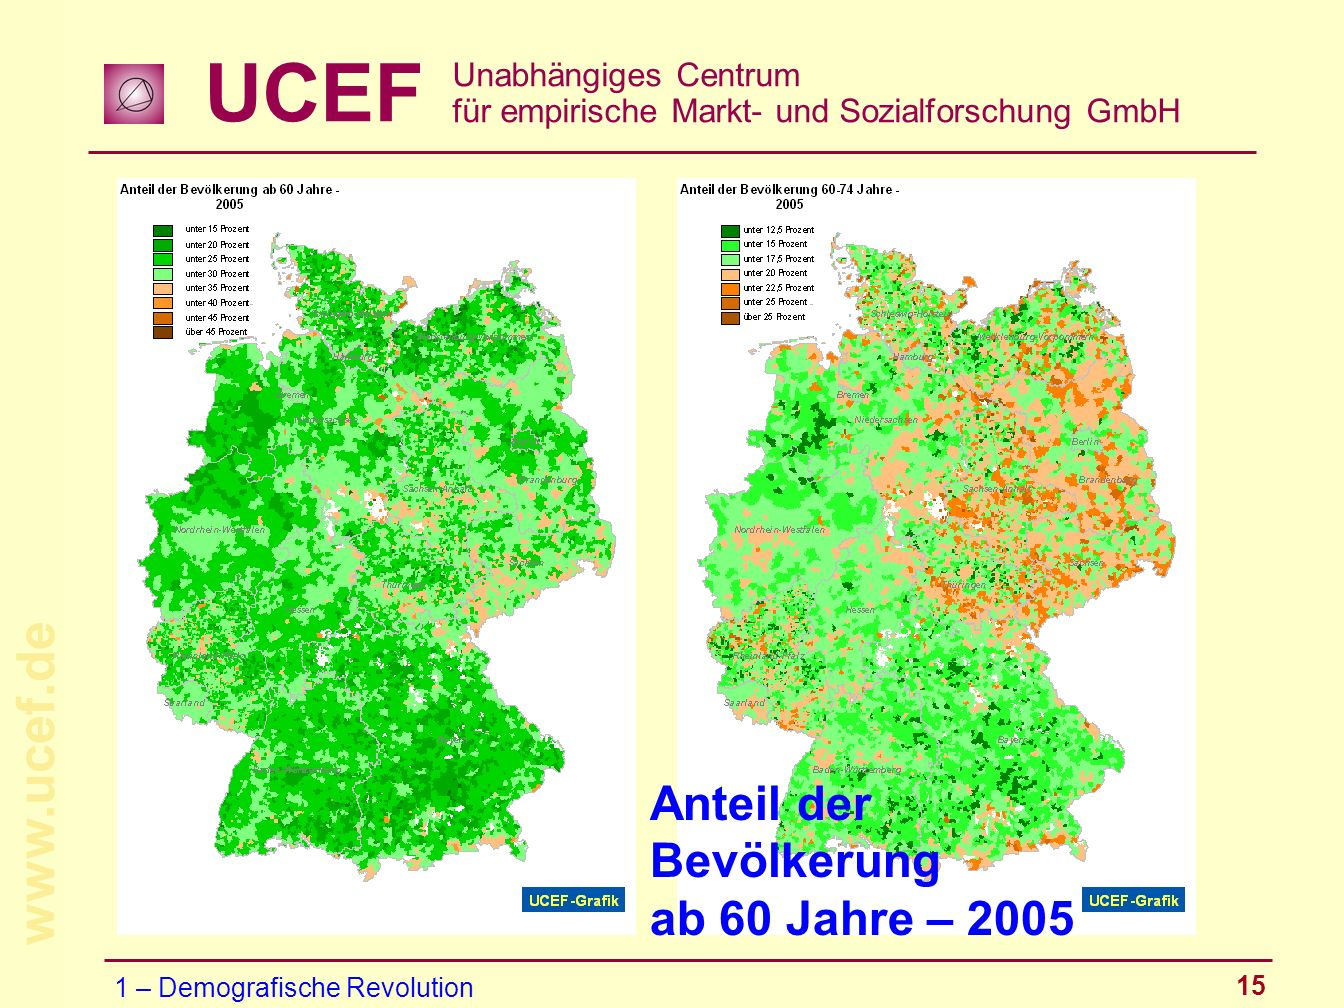 UCEF Unabhängiges Centrum für empirische Markt- und Sozialforschung GmbH www.ucef.de 15 1 – Demografische Revolution Anteil der Bevölkerung ab 60 Jahr